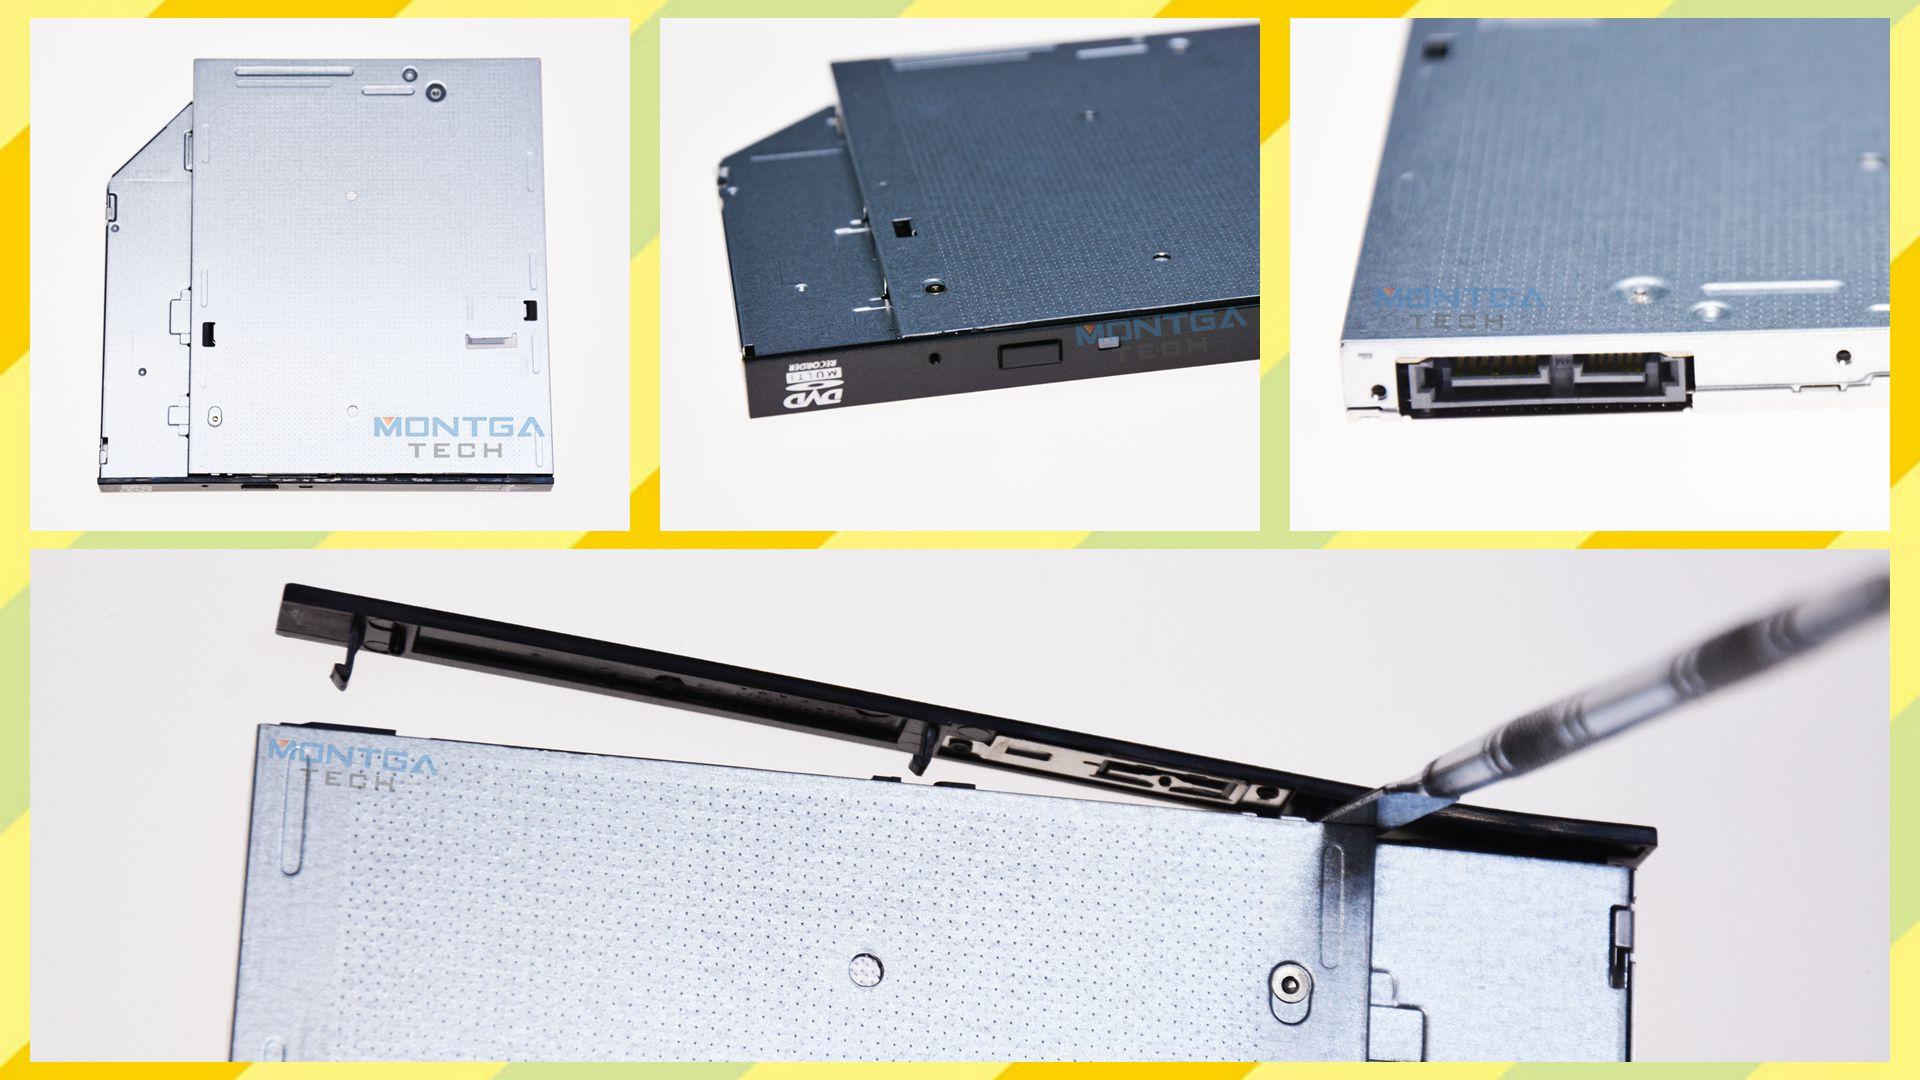 Acer E5-411 optical reader, Acer E5-411 optical driver, Acer E5-411 bruner driver, internal driver Acer E5-411, DVD reader Acer E5-411,